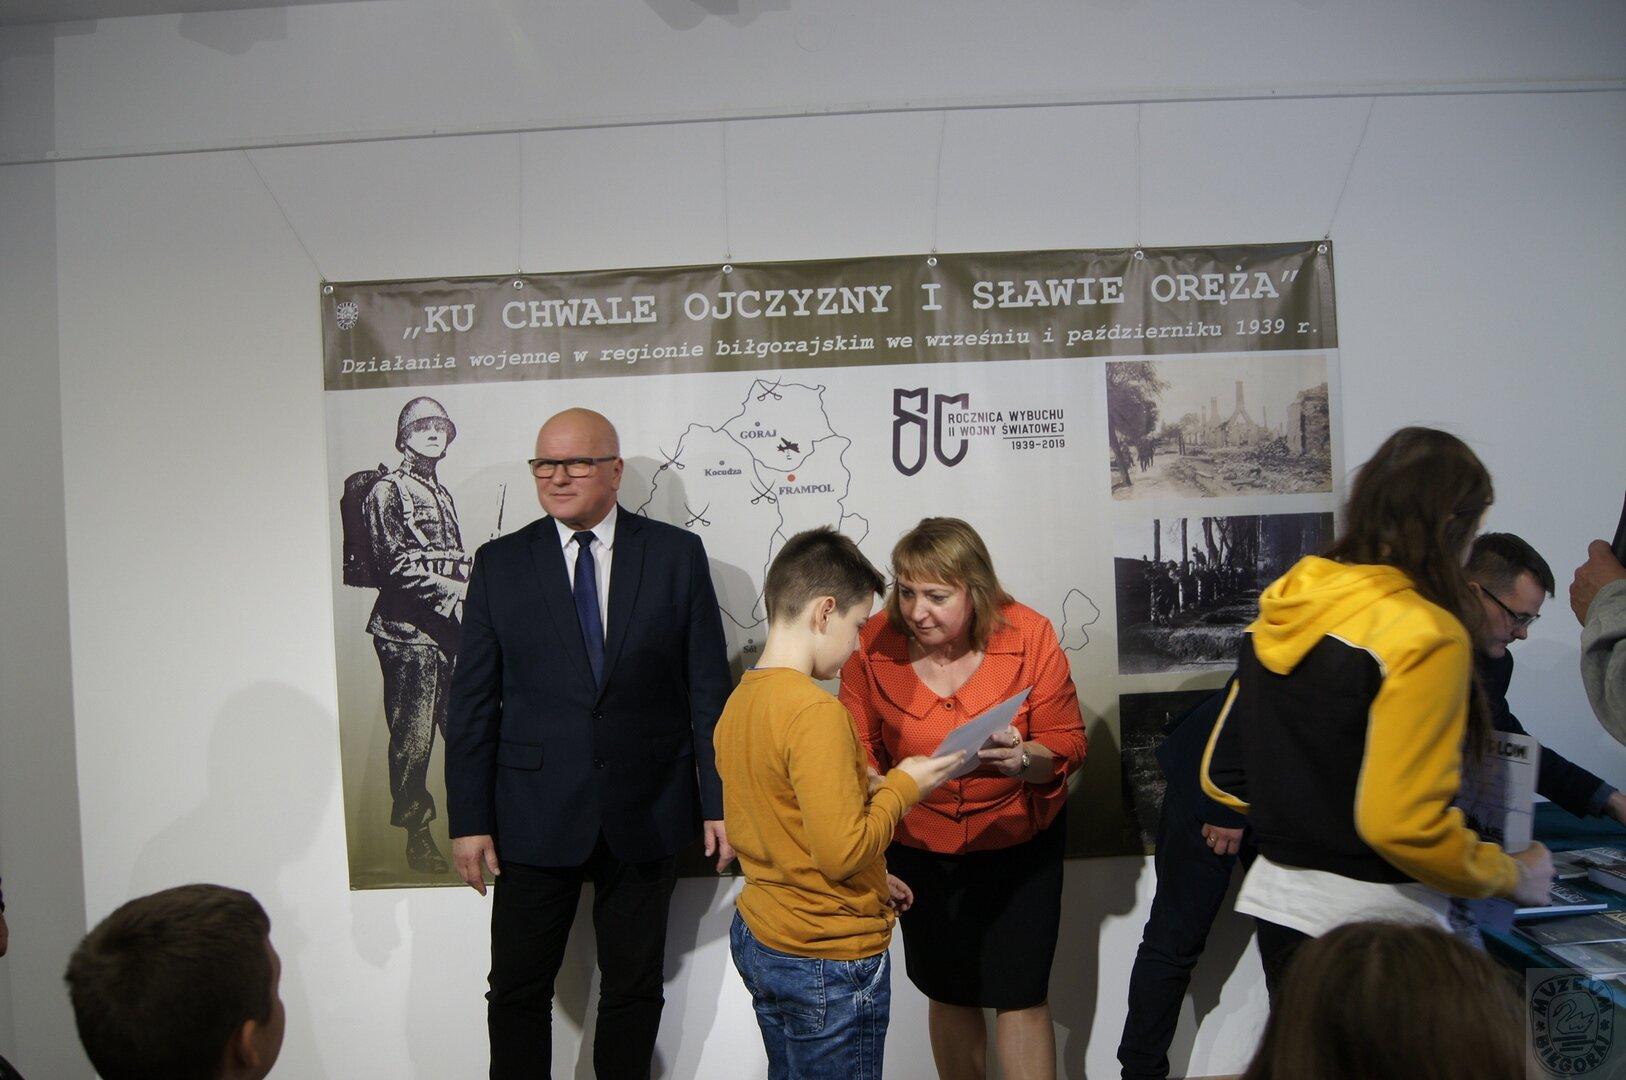 konk_kampania_wrzesniowa_2019_fot_27